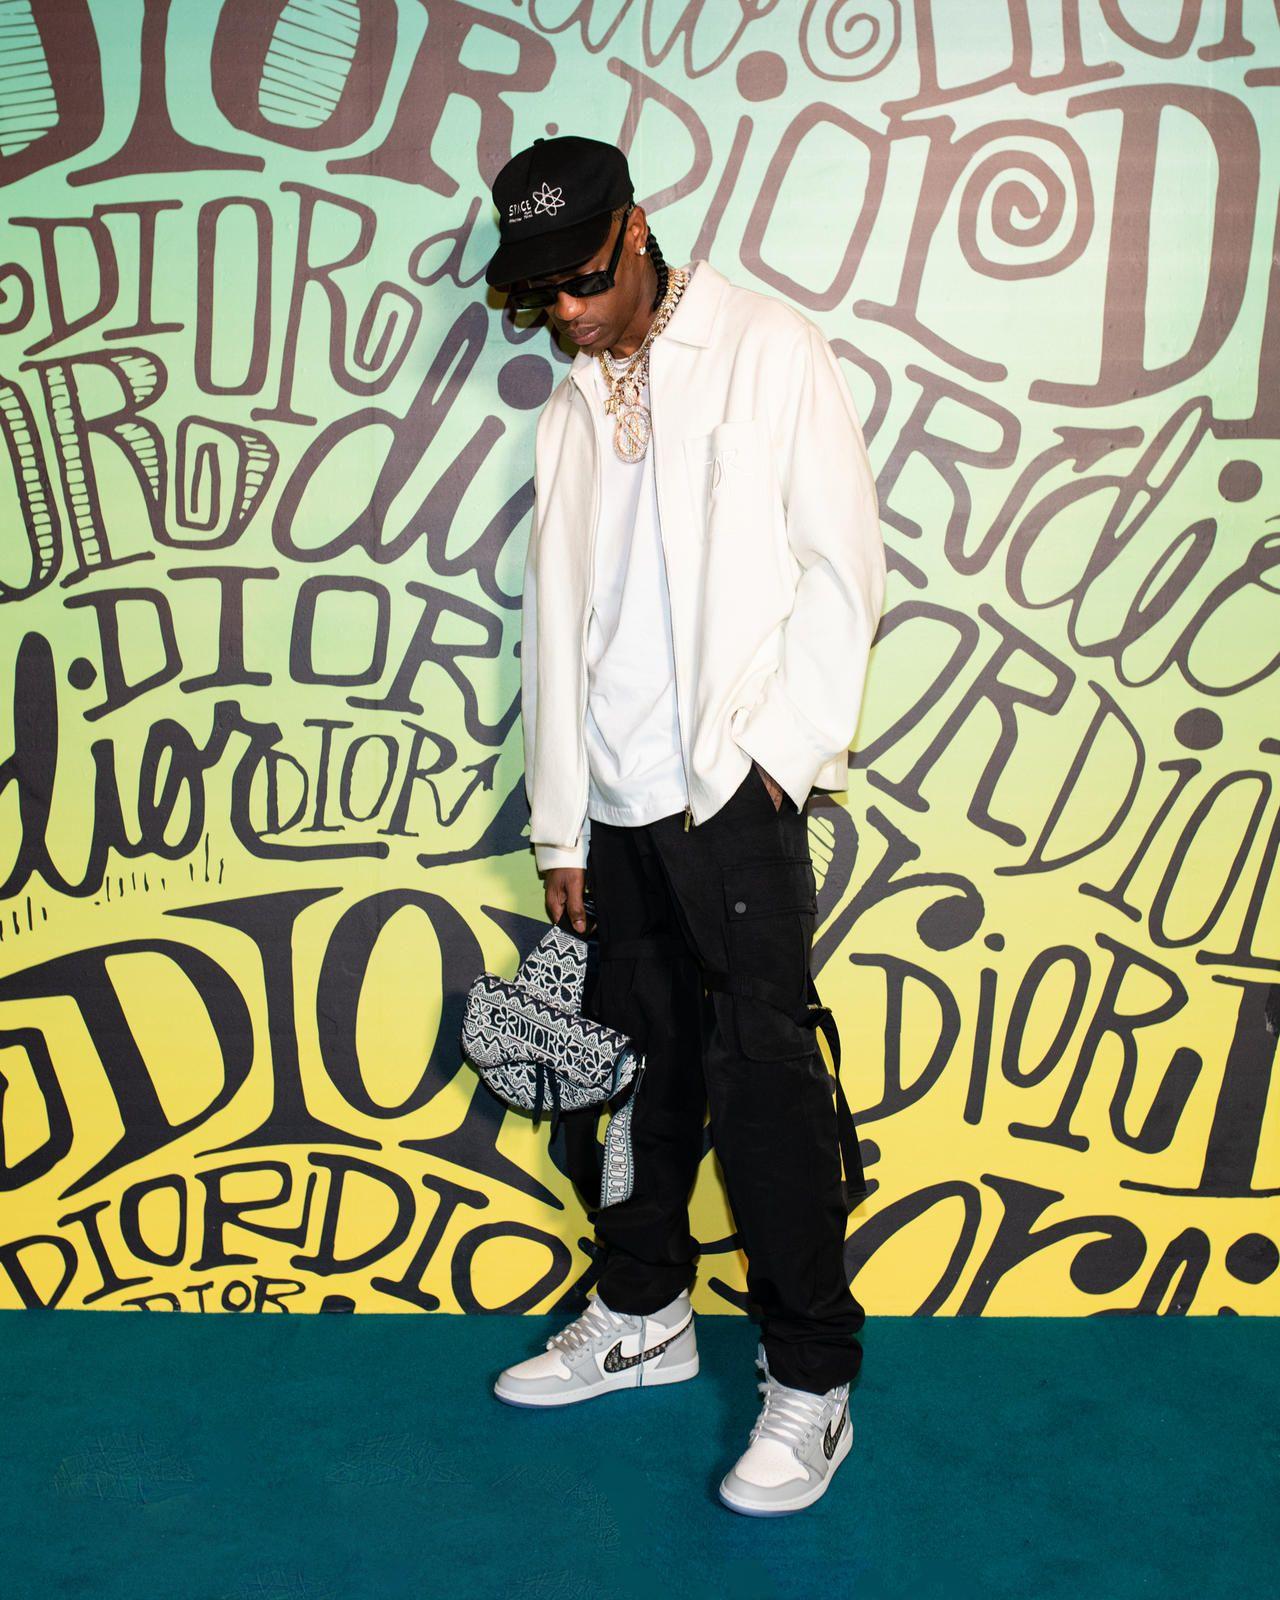 Dior x Travis Scott x Air Jordan 1 Dior, Travis scott